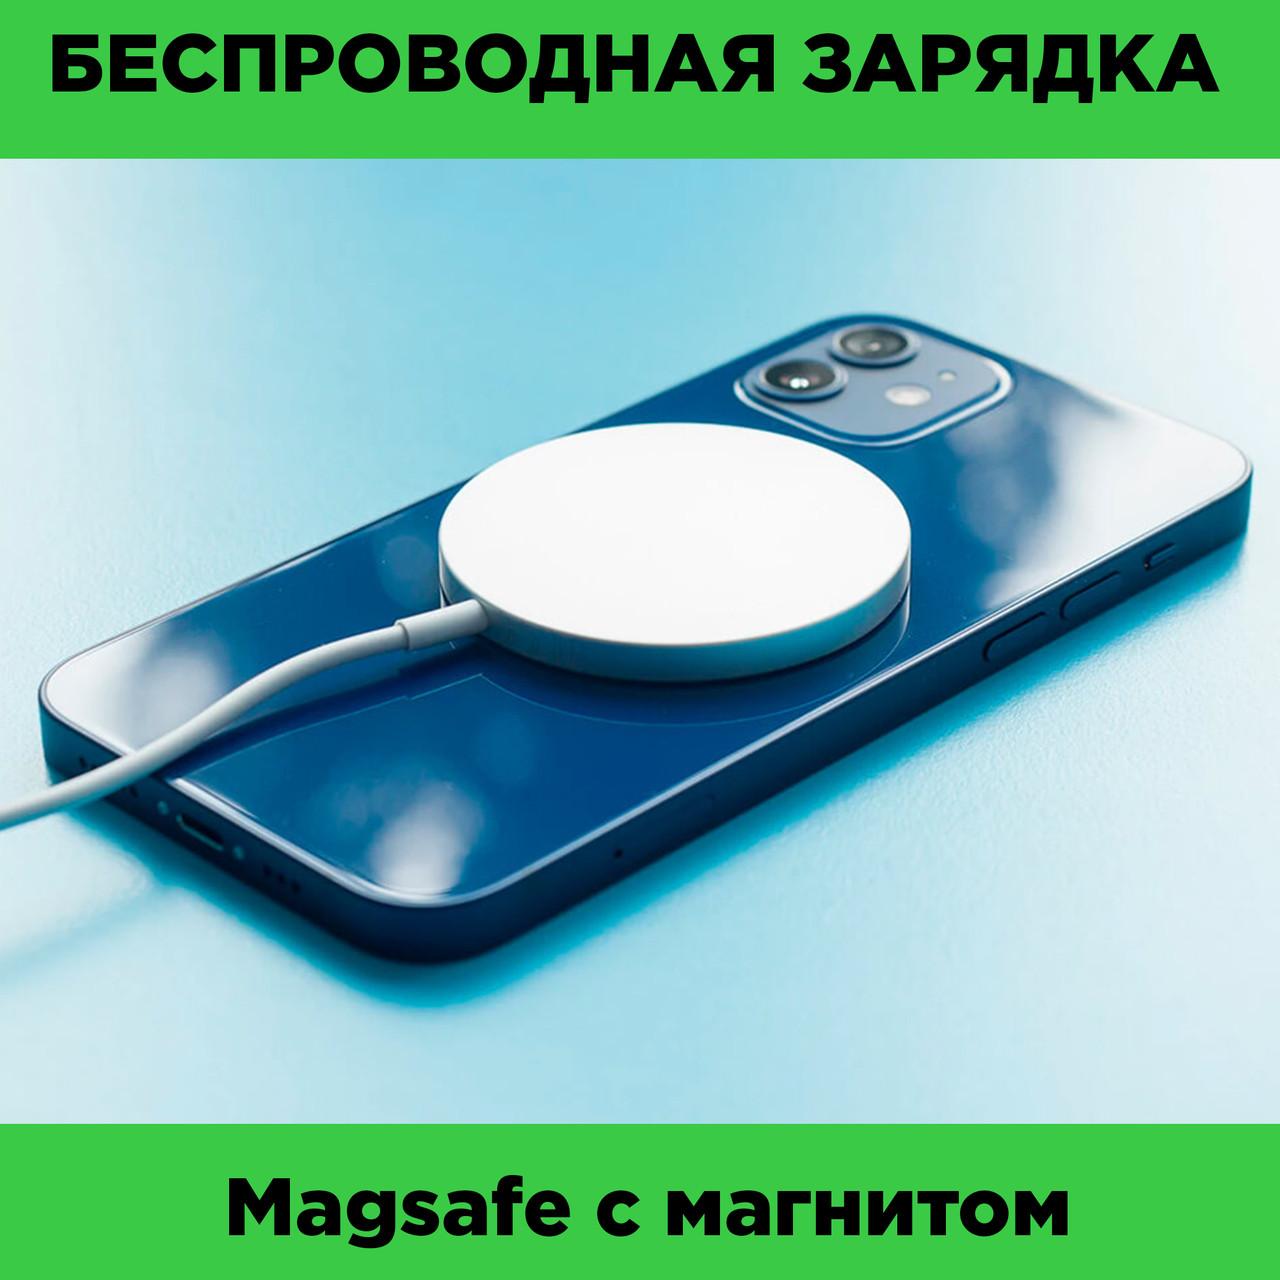 Быстрое Беспроводное Зарядное Устройство MagSafe 15 Вт. Для Телефона Apple iPhone, Samsung. Афона,